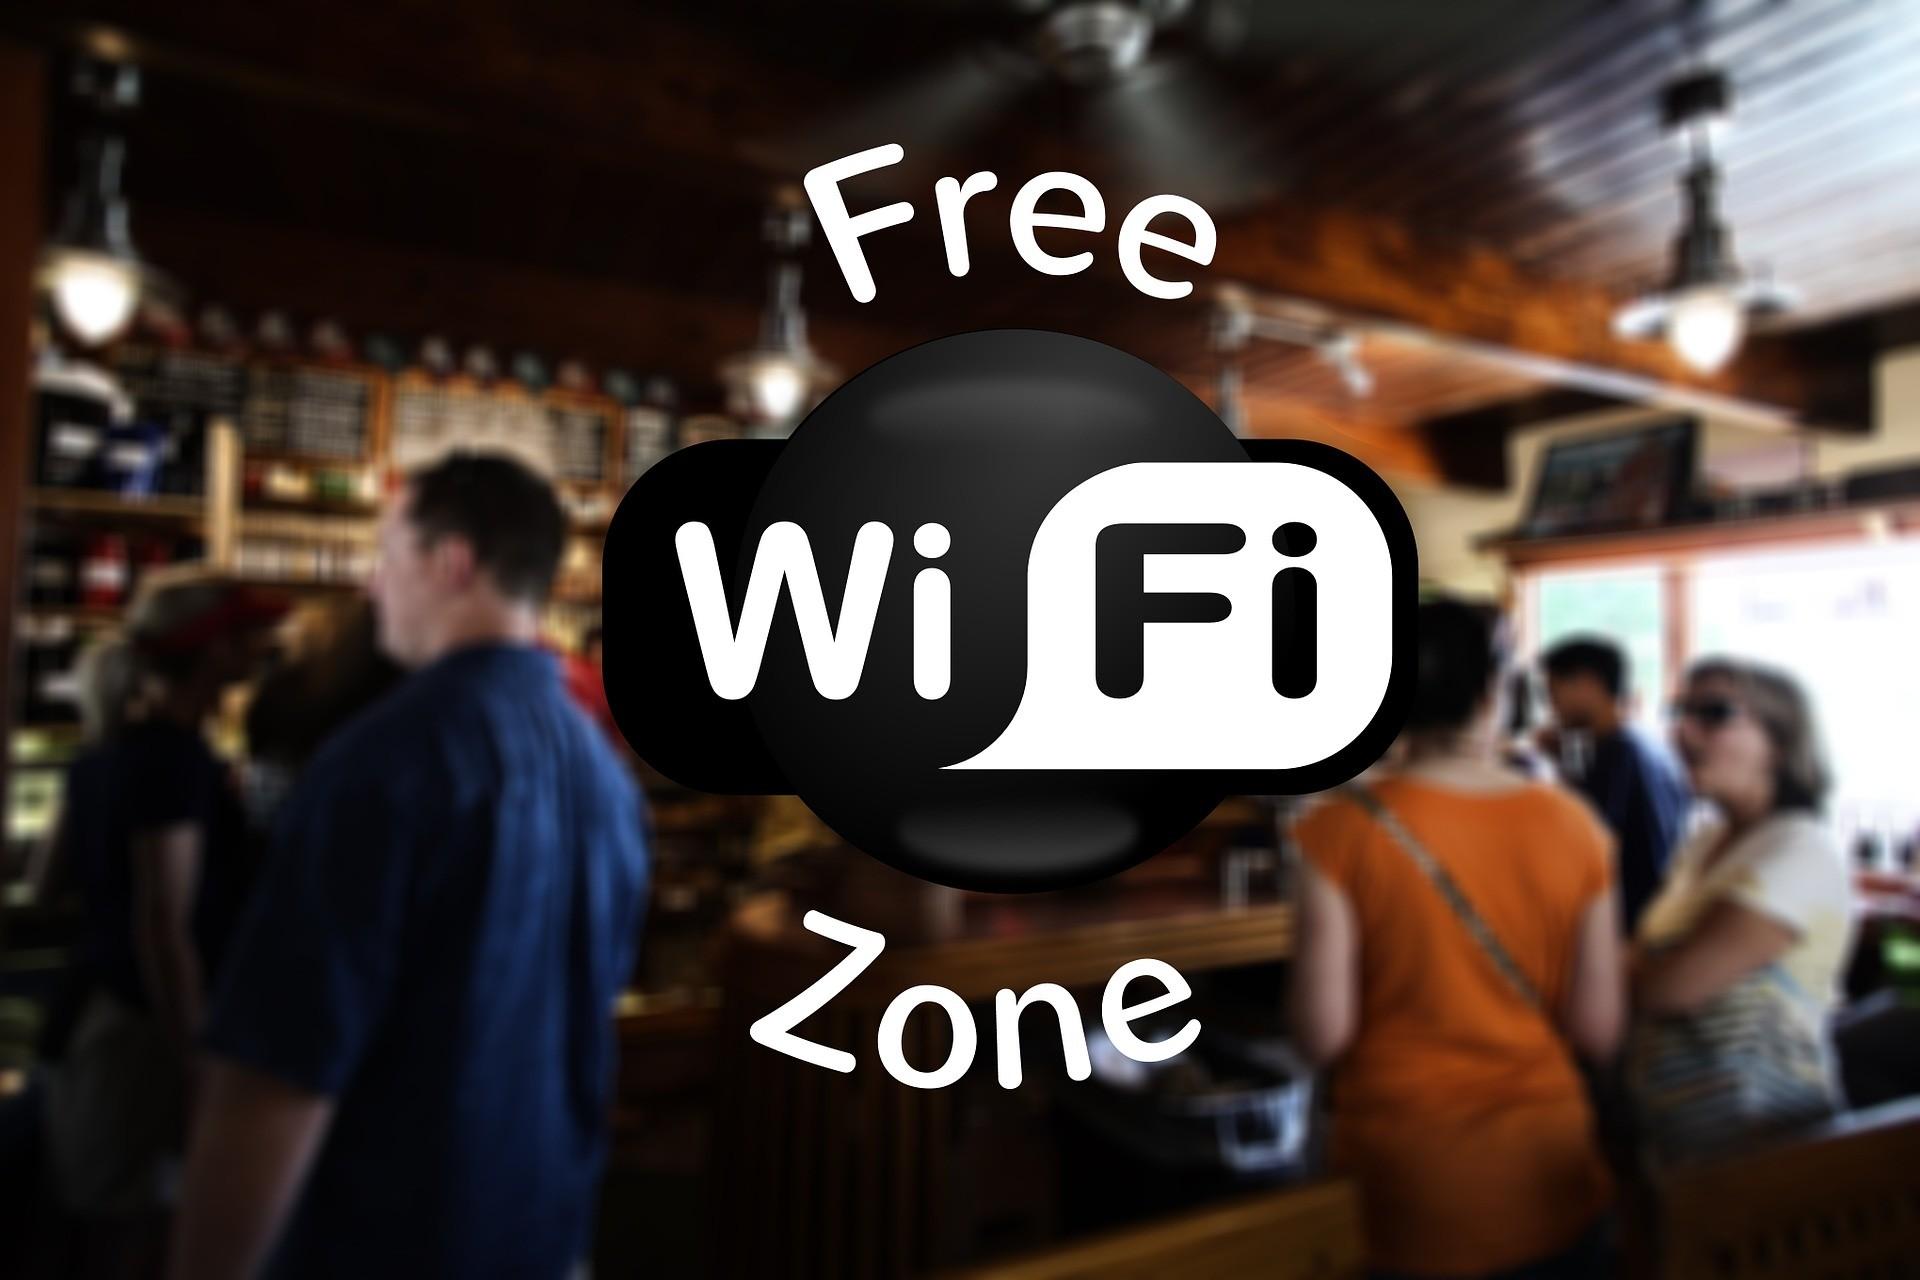 Ya no tendrás que pedirle la contraseña del WiFi a nadie: solo su QR